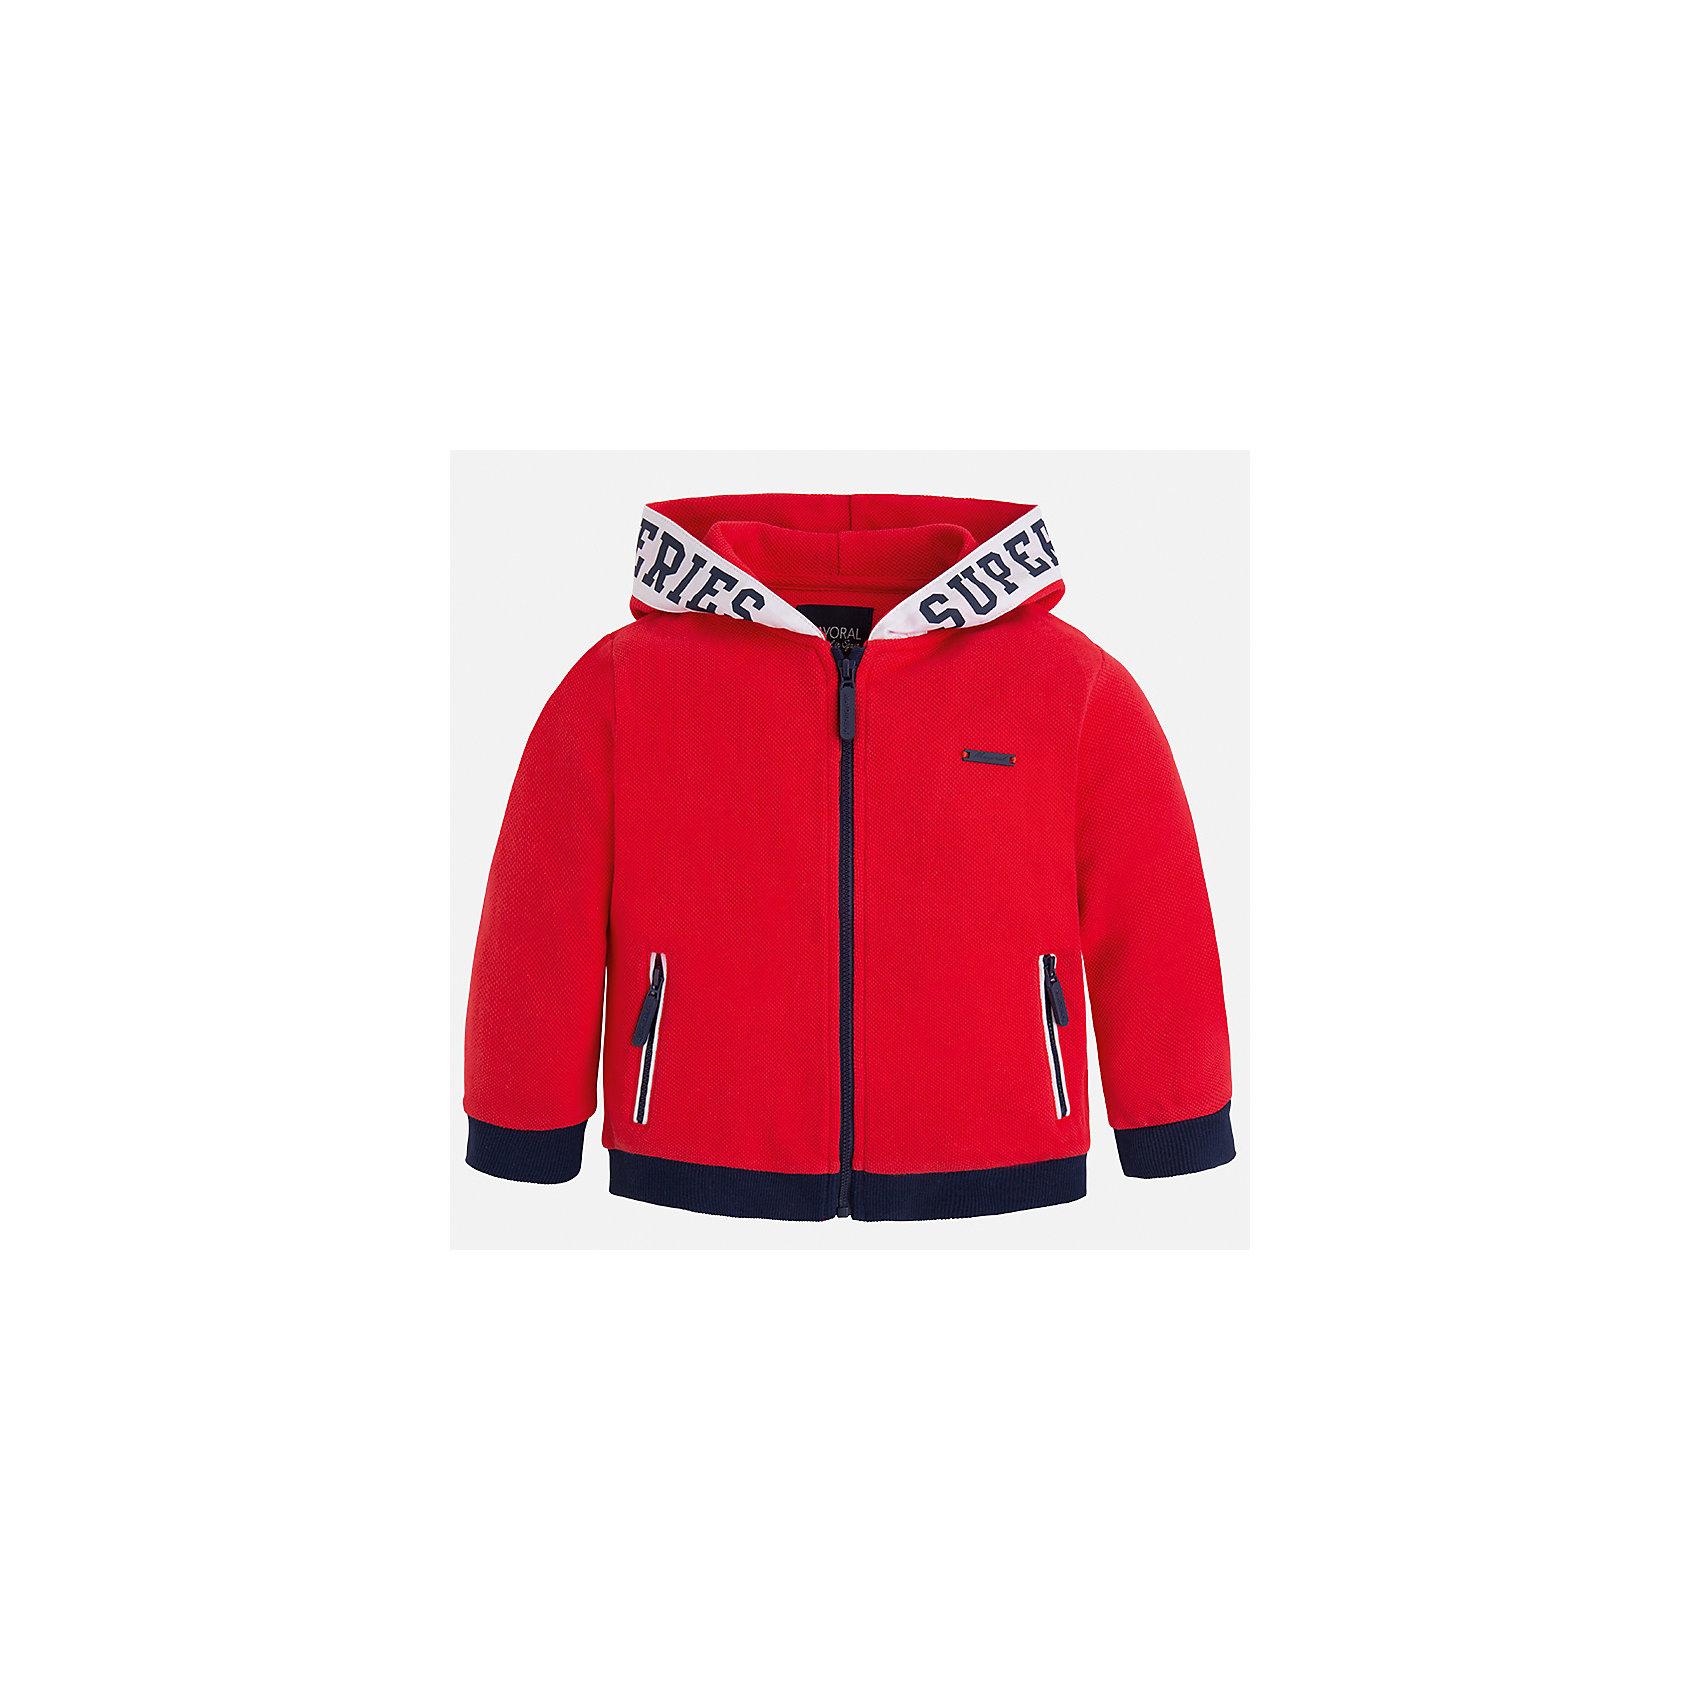 Толстовка для мальчика MayoralТолстовки<br>Характеристики товара:<br><br>• цвет: красный<br>• состав: 100% хлопок<br>• манжеты<br>• карманы<br>• молния<br>• капюшон<br>• страна бренда: Испания<br><br>Легкая куртка для мальчика поможет разнообразить гардероб ребенка и обеспечить тепло в прохладную погоду. Она отлично сочетается и с джинсами, и с брюками. Универсальный цвет позволяет подобрать к вещи низ различных расцветок. Интересная отделка модели делает её нарядной и оригинальной. В составе материала - только натуральный хлопок, гипоаллергенный, приятный на ощупь, дышащий.<br><br>Одежда, обувь и аксессуары от испанского бренда Mayoral полюбились детям и взрослым по всему миру. Модели этой марки - стильные и удобные. Для их производства используются только безопасные, качественные материалы и фурнитура. Порадуйте ребенка модными и красивыми вещами от Mayoral! <br><br>Куртку для мальчика от испанского бренда Mayoral (Майорал) можно купить в нашем интернет-магазине.<br><br>Ширина мм: 356<br>Глубина мм: 10<br>Высота мм: 245<br>Вес г: 519<br>Цвет: розовый<br>Возраст от месяцев: 84<br>Возраст до месяцев: 96<br>Пол: Мужской<br>Возраст: Детский<br>Размер: 128,116,110,92,104,98,122,134<br>SKU: 5280657